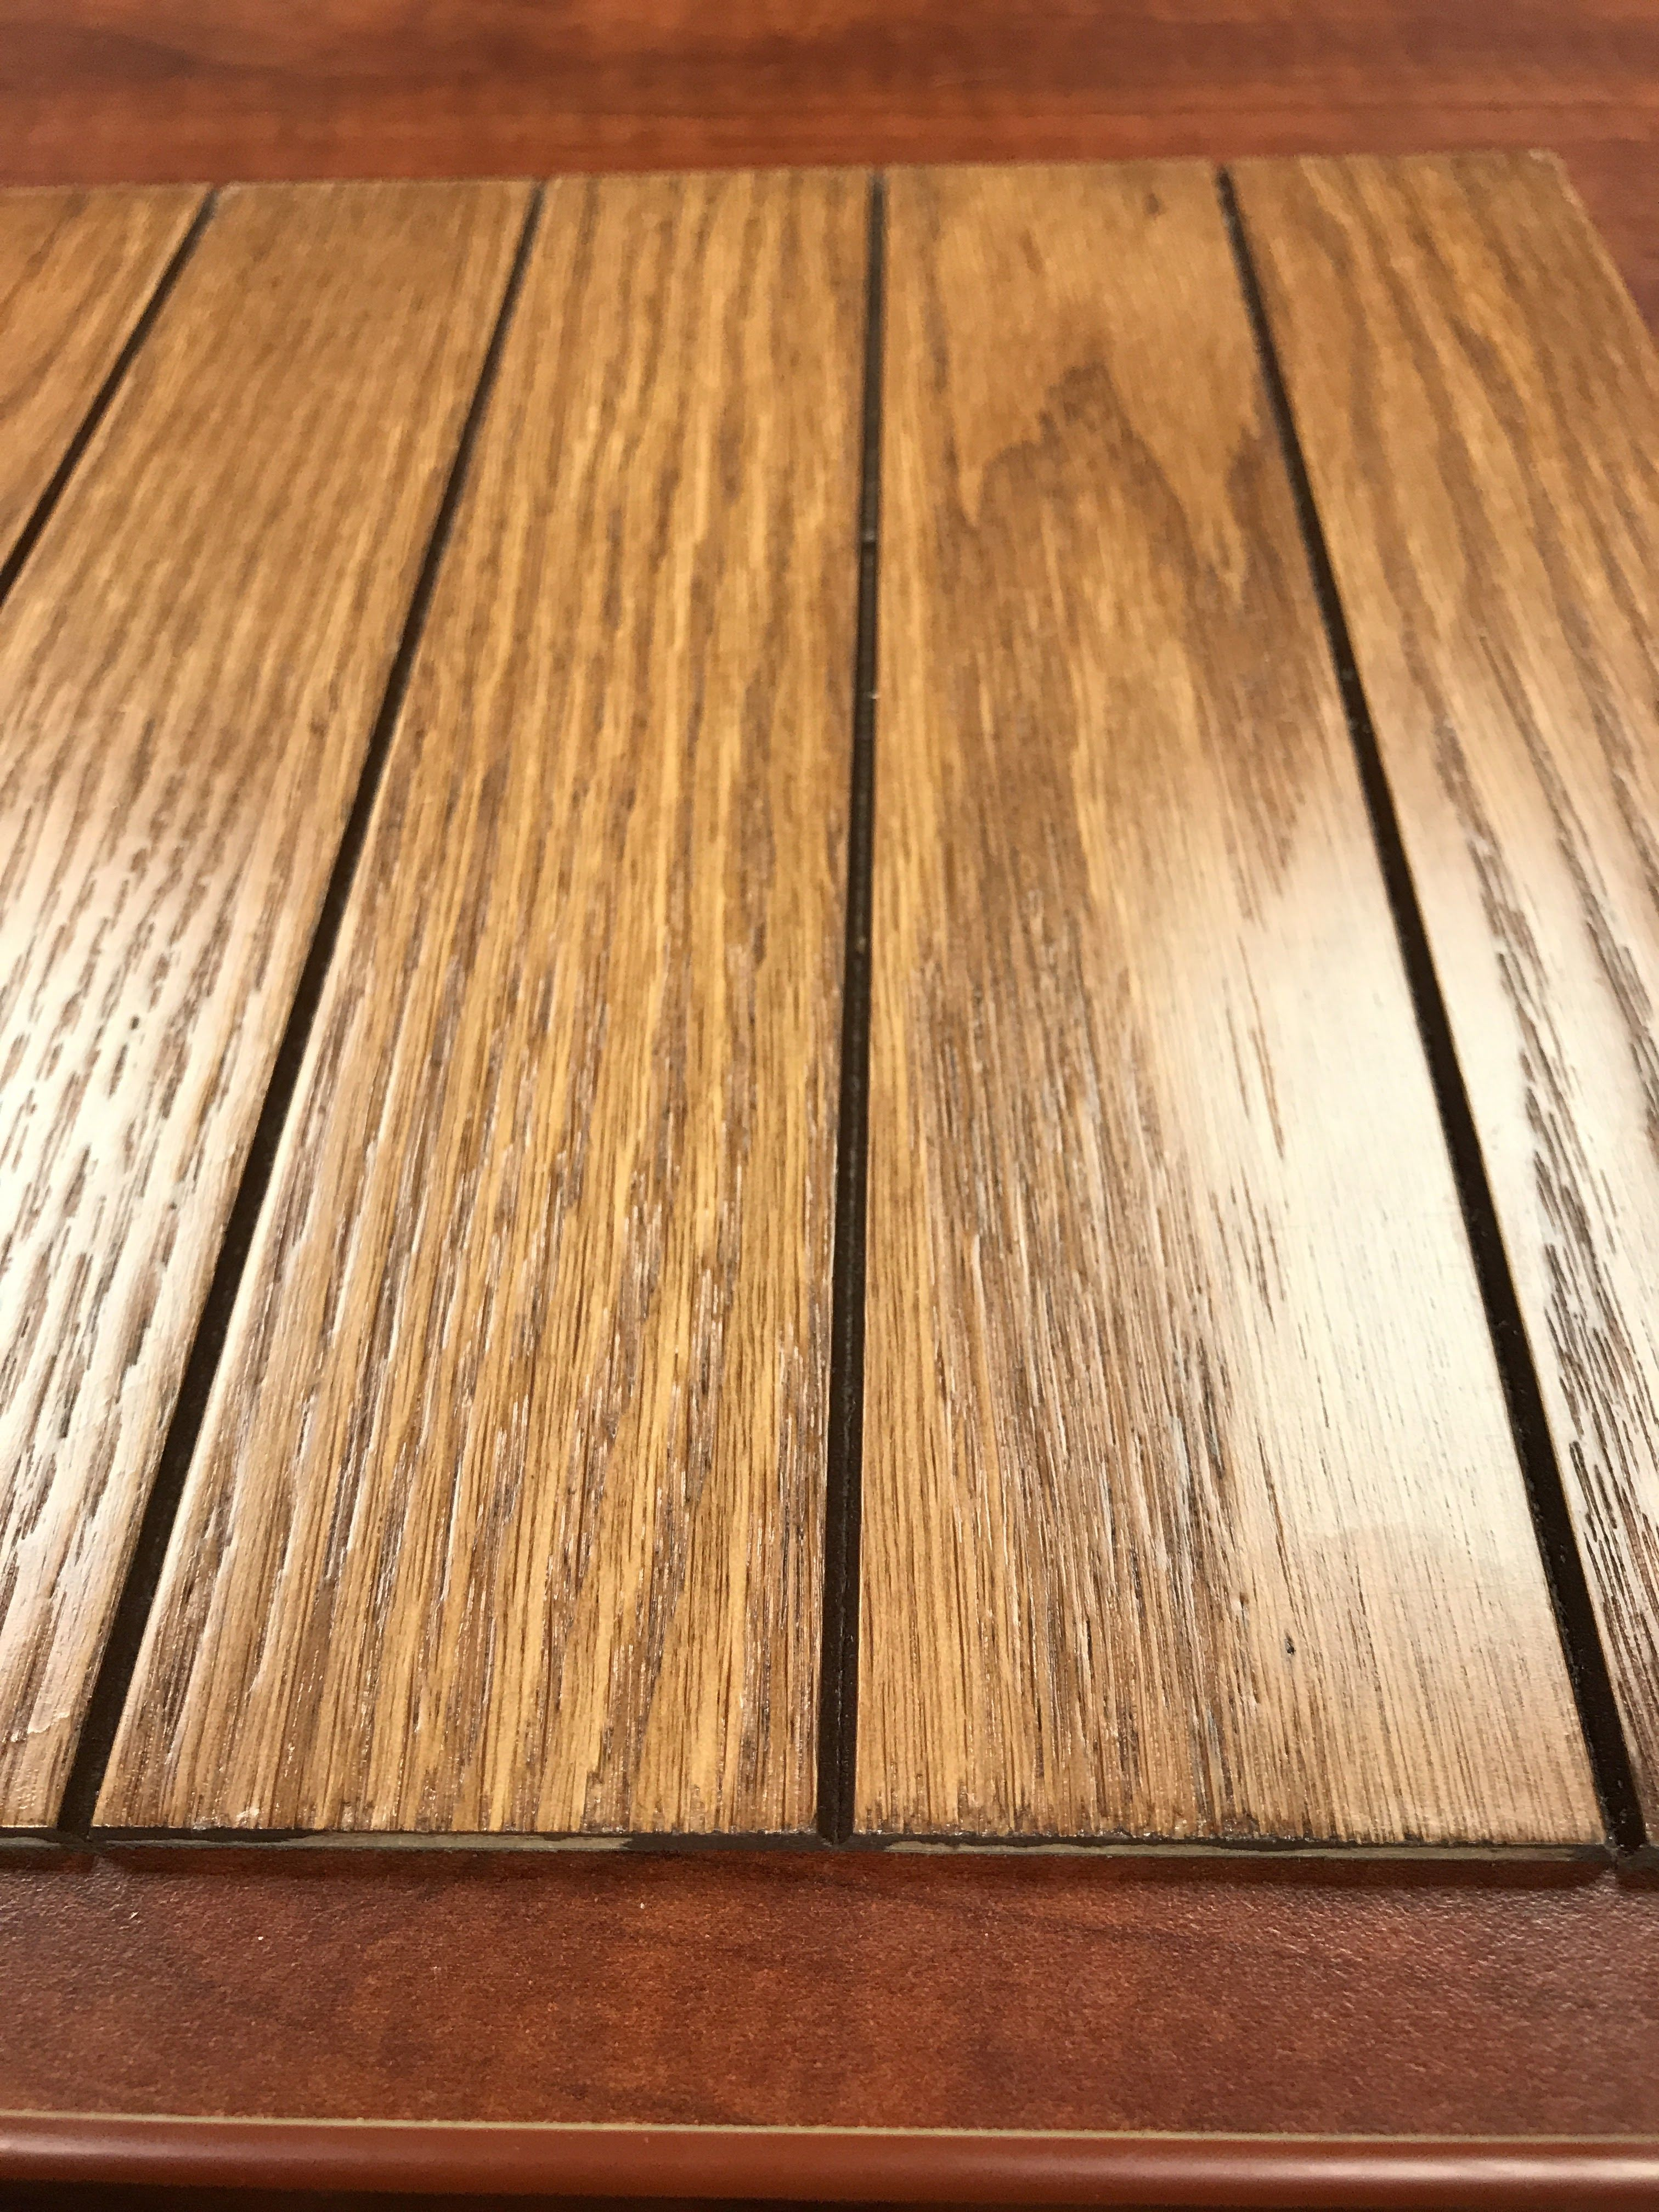 Tambour Panels Solid Wood And Veneers Surfacing Solution Wood Panel Walls Flexible Wood Veneer Panels